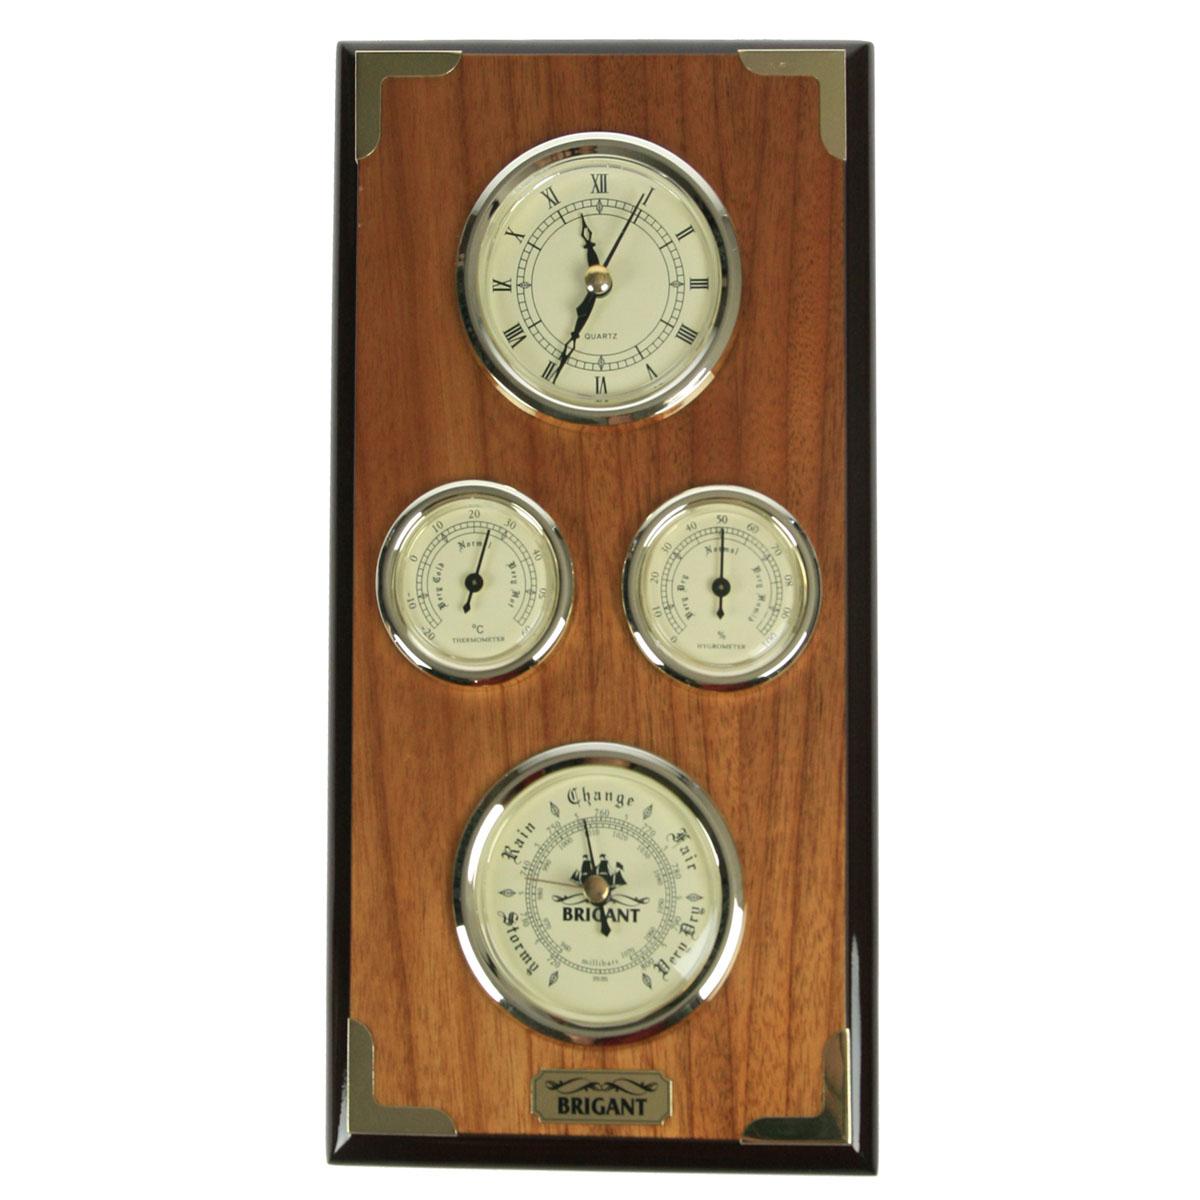 Часы-метеостанция Brigant: барометр, термометр, гигрометр, цвет: светлый орех. 28134Брелок для ключейЧасы-метеостанция Brigant выполнены в виде деревянной лакированной панели с расположенными на ней часами, барометром, термометром и гигрометром. Модель выполнена в духе морской тематики, хромировка под золото и благородный цвет дерева делают этот предмет интерьера заслуживающим восхищения и гордости. Прилагается инструкция по эксплуатации на русском языке.Во всех барометрах Brigant используются механизмы французской фирмы Barostar, специализирующейся на выпуске барометров более ста лет.Качество изготовления продукции Brigant, применяемые материалы и технологии удовлетворяют всем жестким требованиям западноевропейских экологических стандартов, что подтверждается международными сертификатами.Барометр требует калибровки, для точного измерения давления, калибровка производится в сравнении с объявленным на данный момент атмосферным давлением в вашей местности. Метод калибровки указан в прилагающейся инструкции.Гигрометр и термометр были откалиброваны и протестированы на заводе изготовителе.К часам требуется докупить батарейку типа АА (в комплект не входит). Характеристики:Материал: МДФ, стекло, бумага, металл, ПМ. Цвет: светлый орех. Размер метеостанции: 32 см х 16 см х 3 см. Диаметр шкал часов и барометра: 7 см. Диаметр шкал термометра и гигрометра: 4,5 см. Размер упаковки: 35 см х 18 см х 5,5 см. Артикул: 28134.